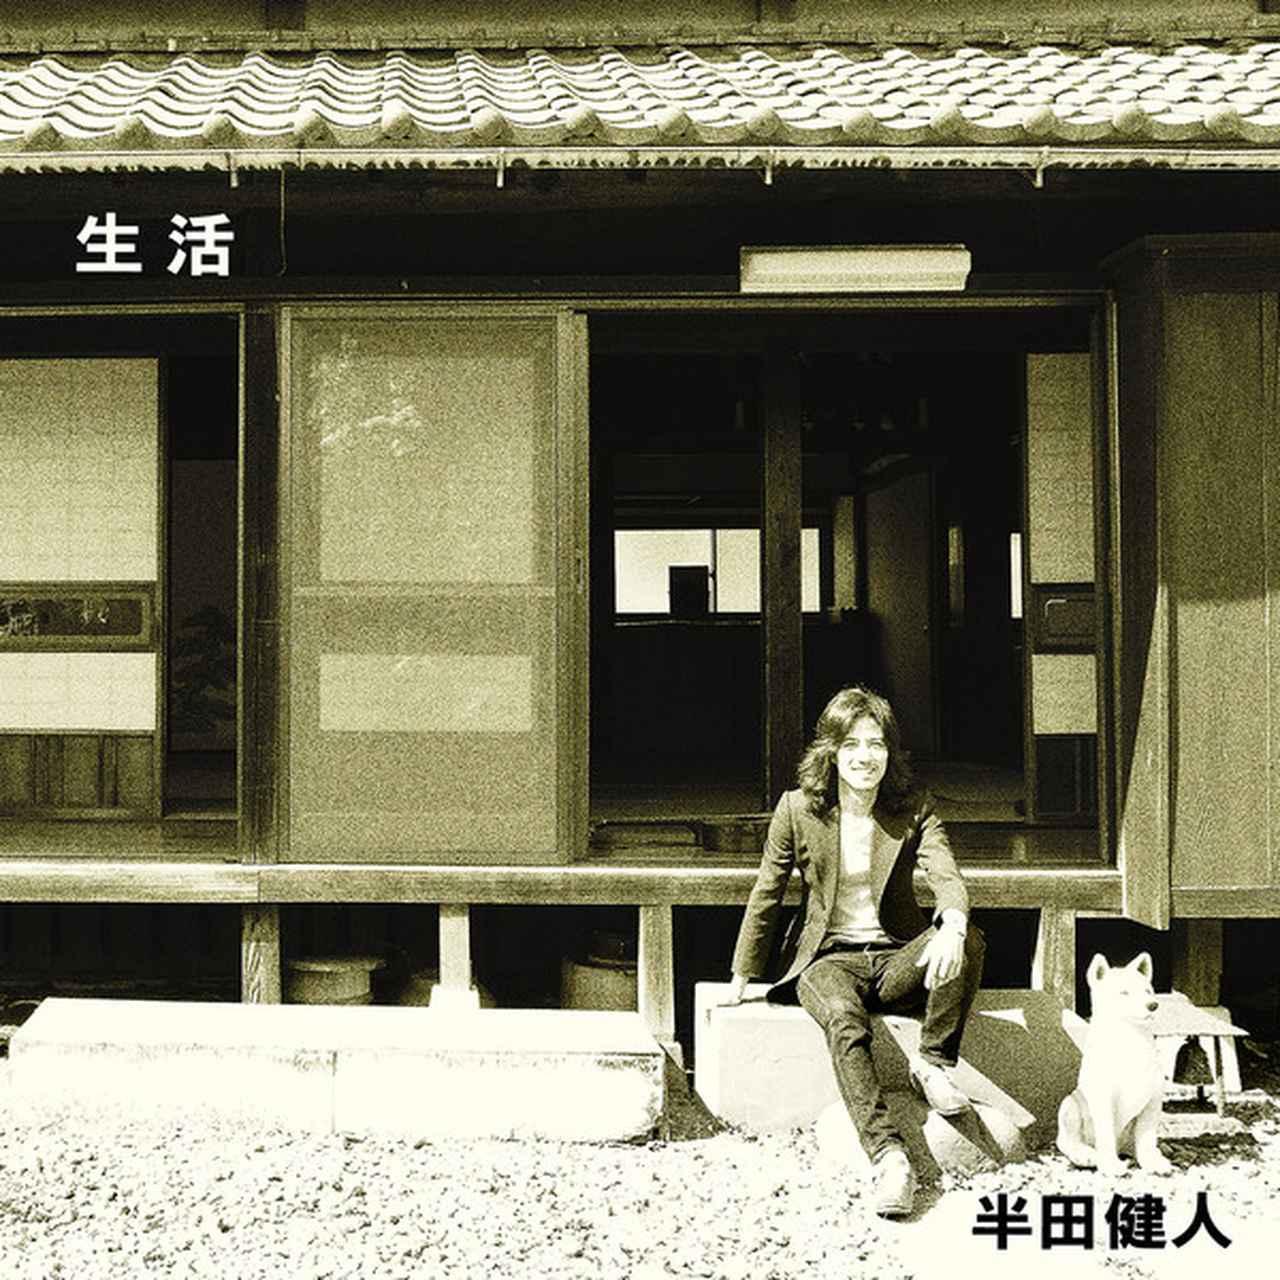 画像: 「生活」 URCレコードやベルウッドレコードの音楽にハマった半田健人が、その世界を現代に再現すべく、サウンド・プロデューサーに柳田ヒロを起用して制作したアルバム。 www.jvcmusic.co.jp